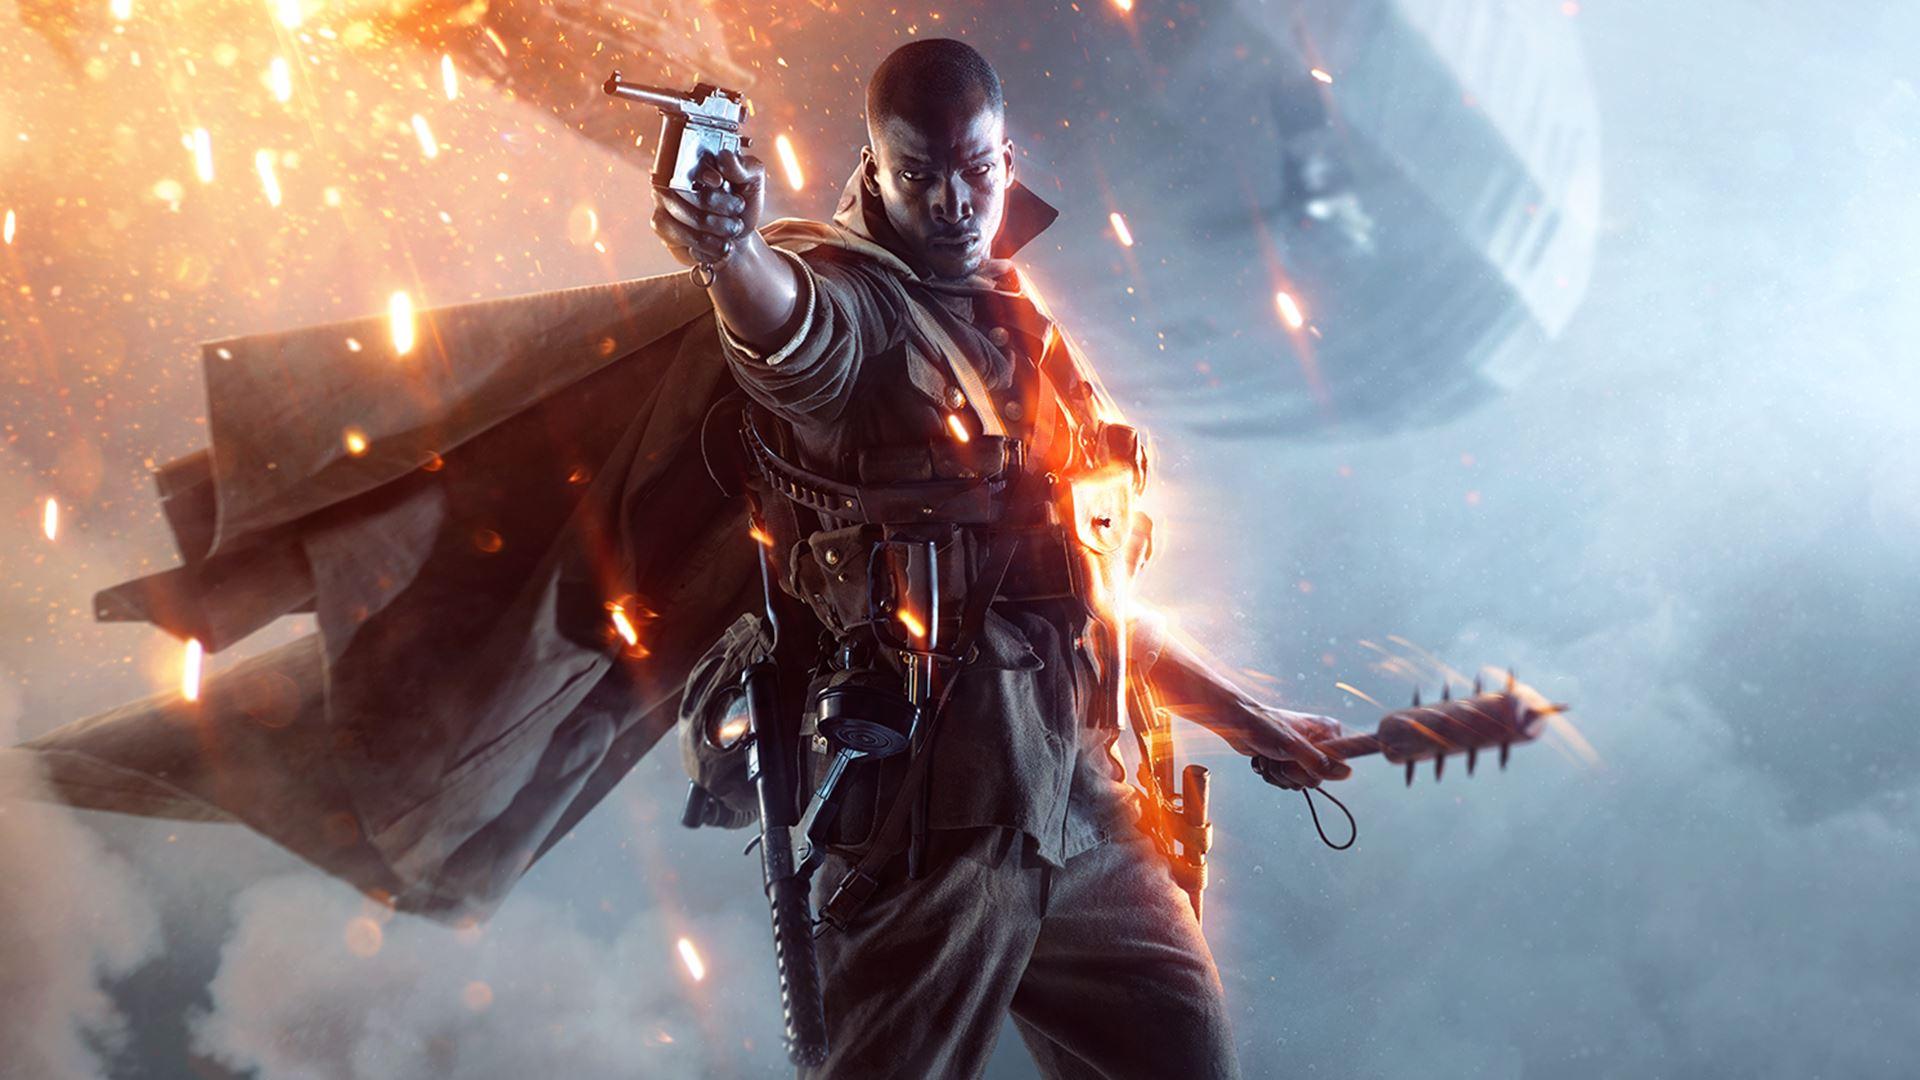 Battlefield 1 to nowy król sieciowych strzelanin – recenzja Spider's Web